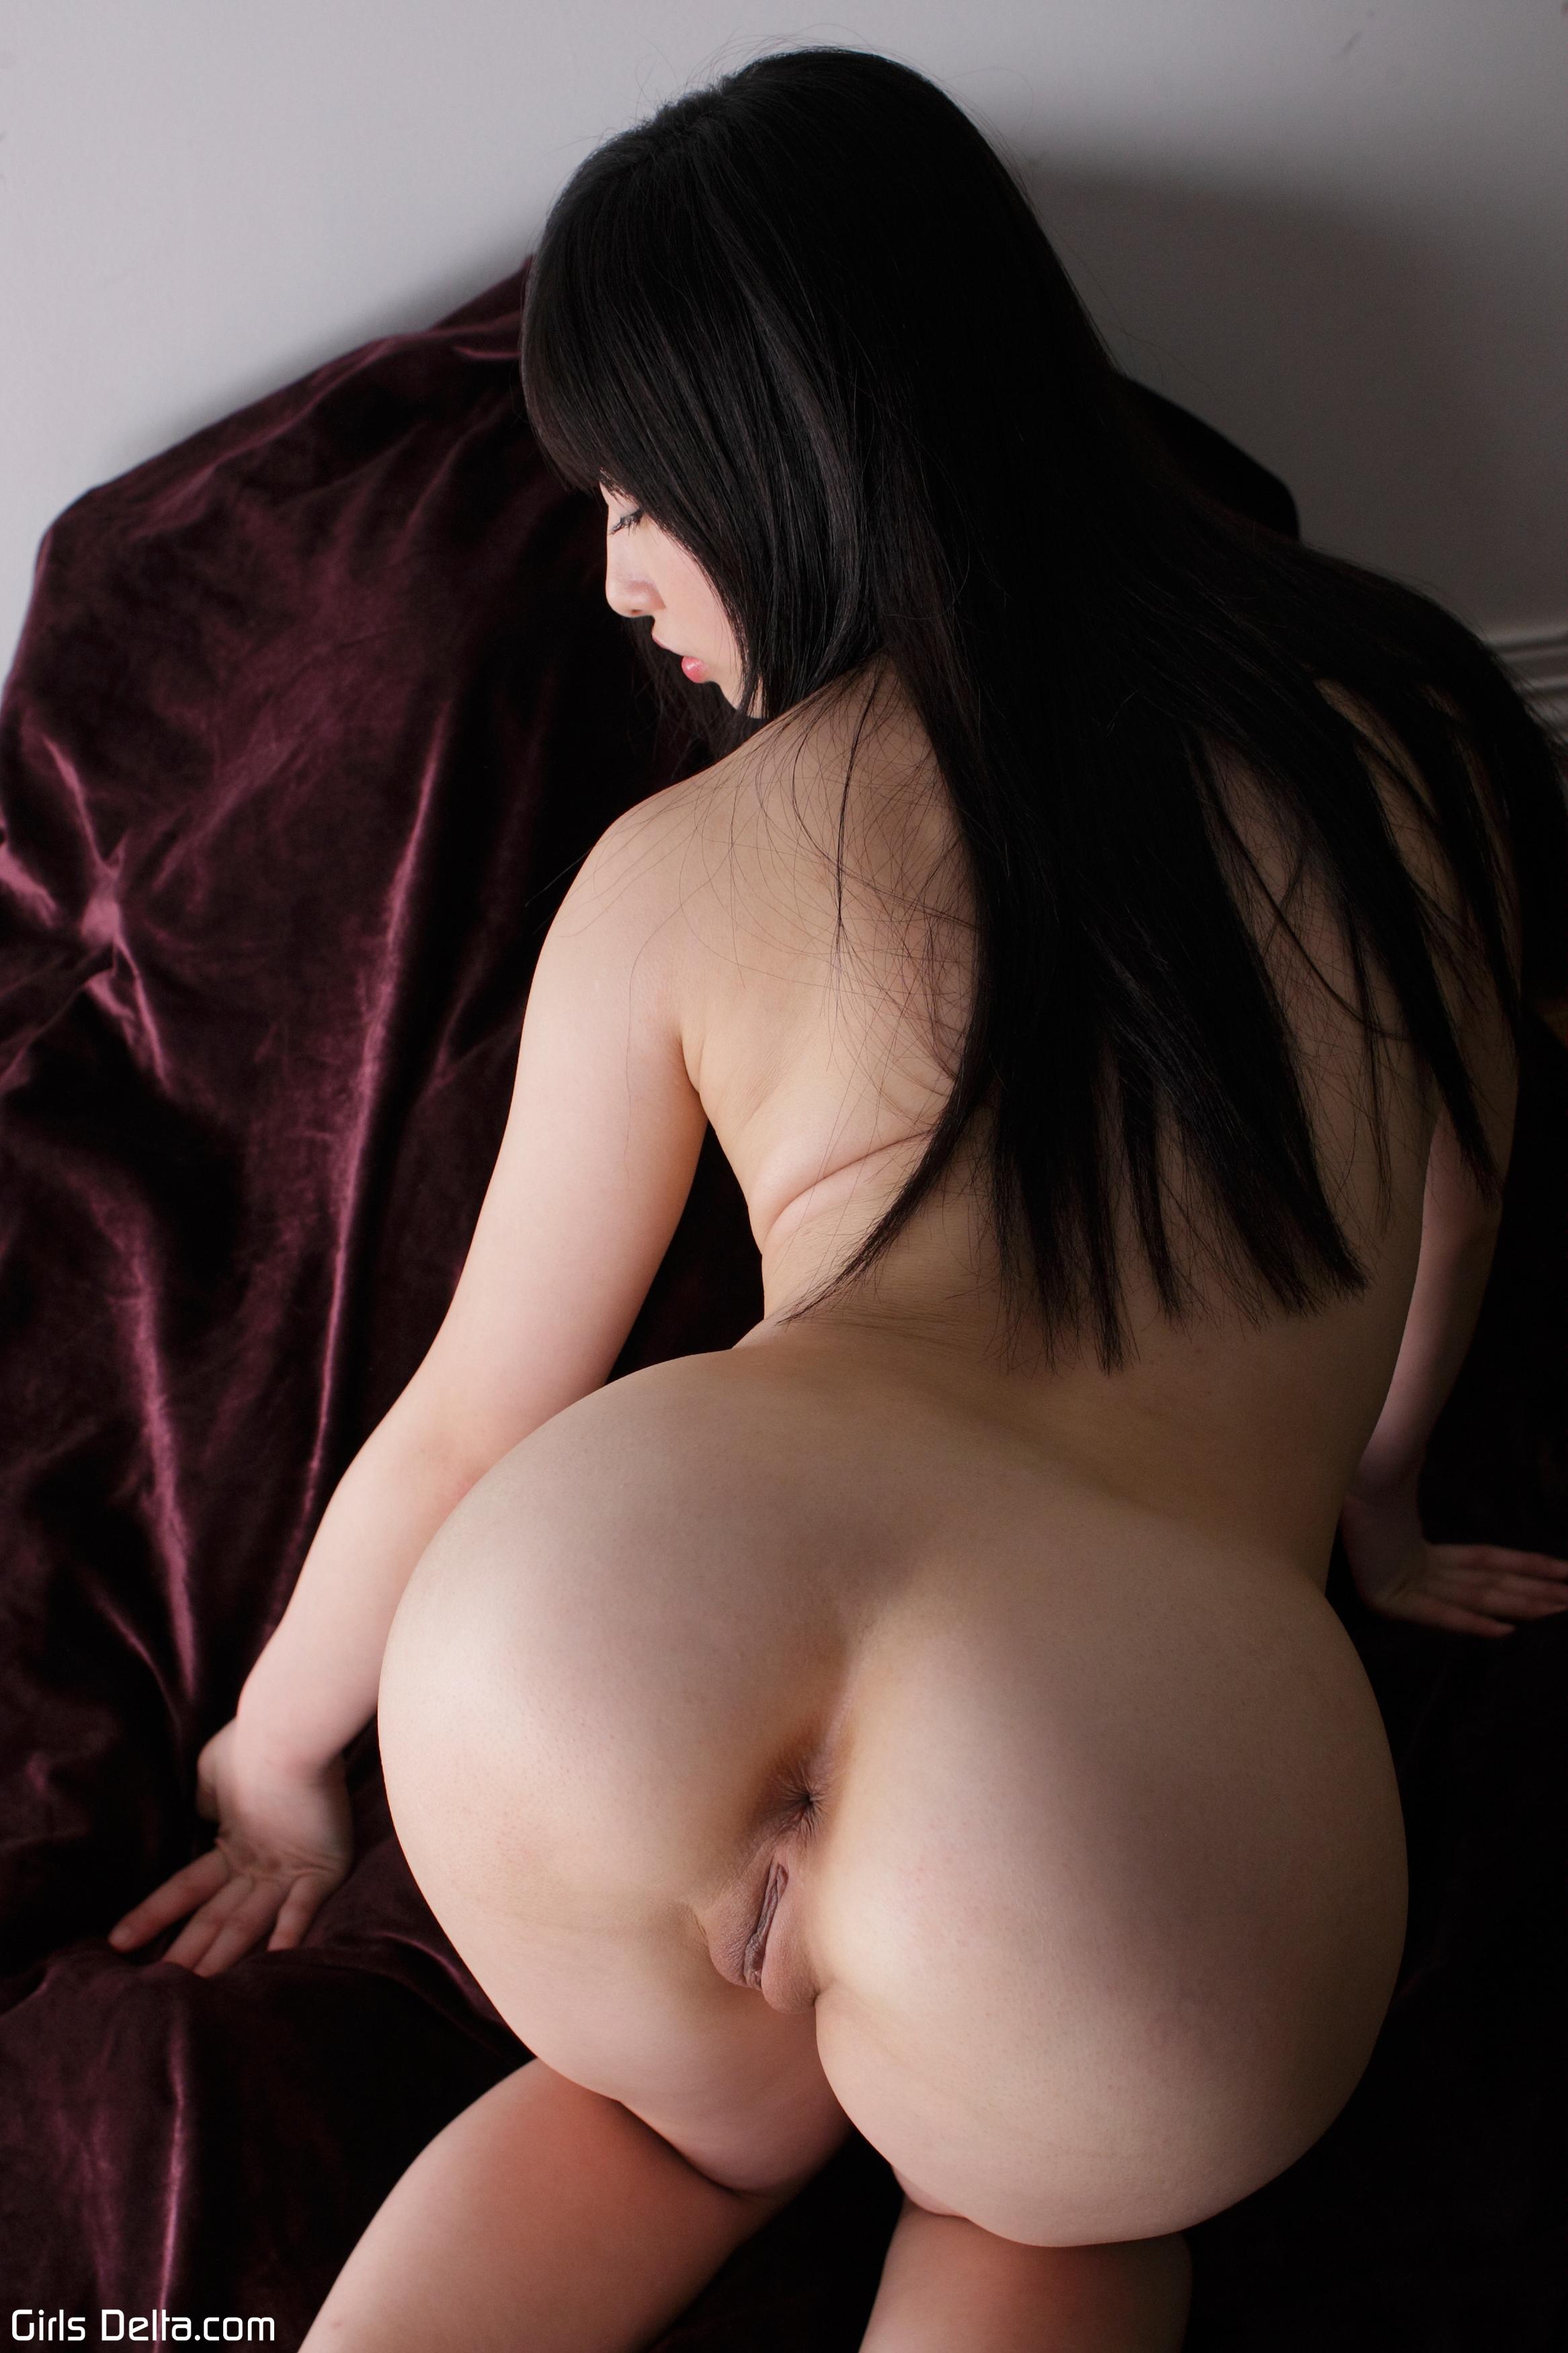 ass-nude-girls-buttocks-mix-vol6-50